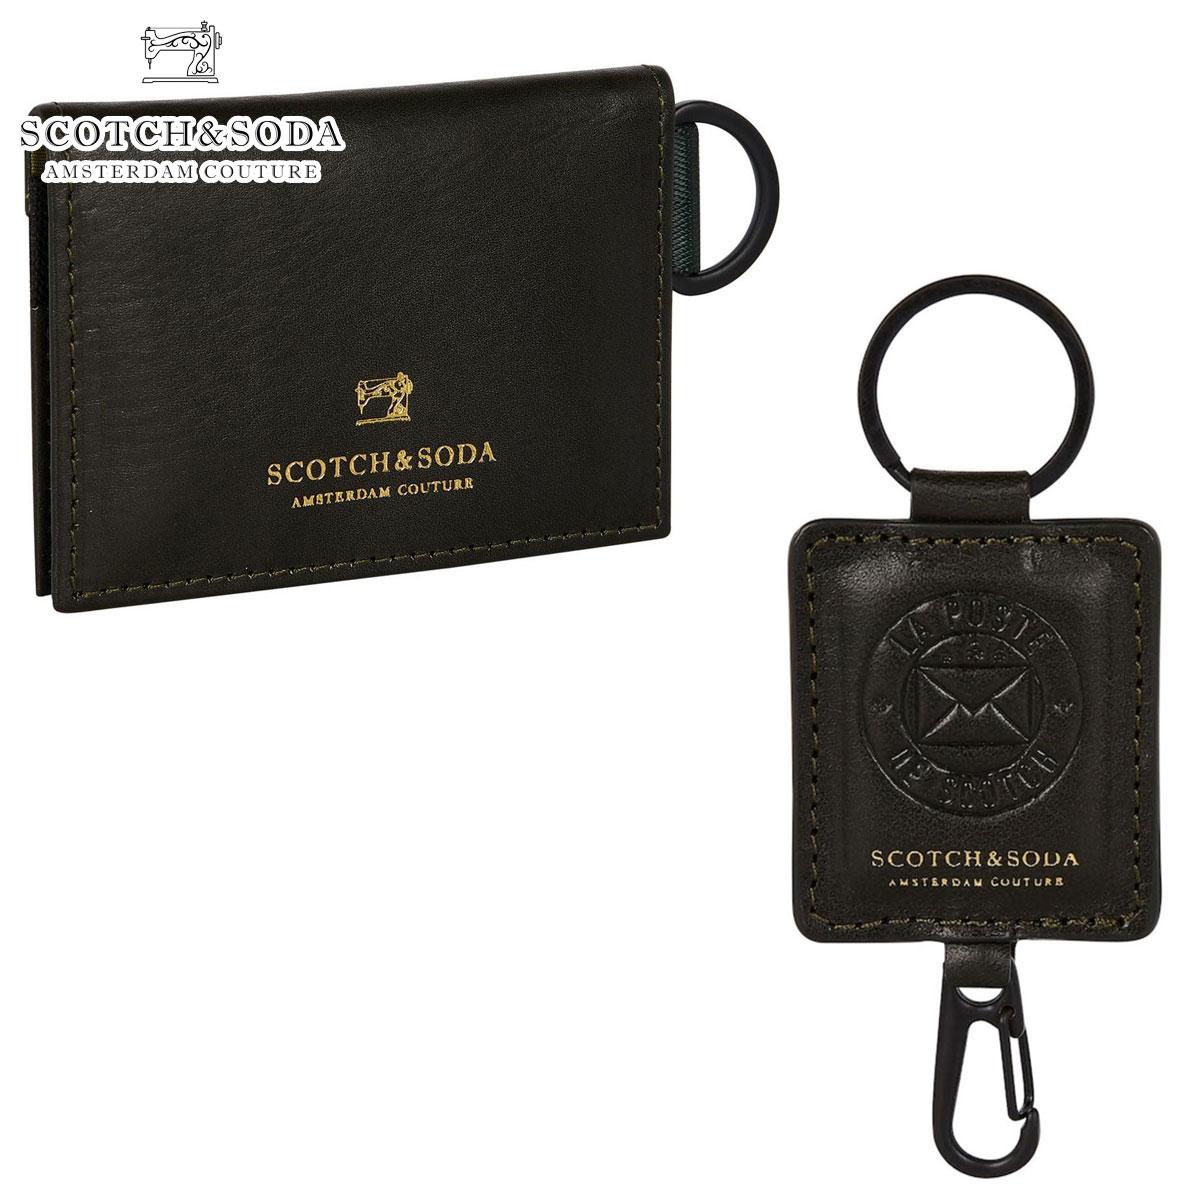 スコッチアンドソーダ SCOTCH&SODA 正規販売店 キーホルダー GIFT BOX WITH FOLDED CARD WALLET AND LEATHER KEY RING 145741 0217 68510 COMBO A